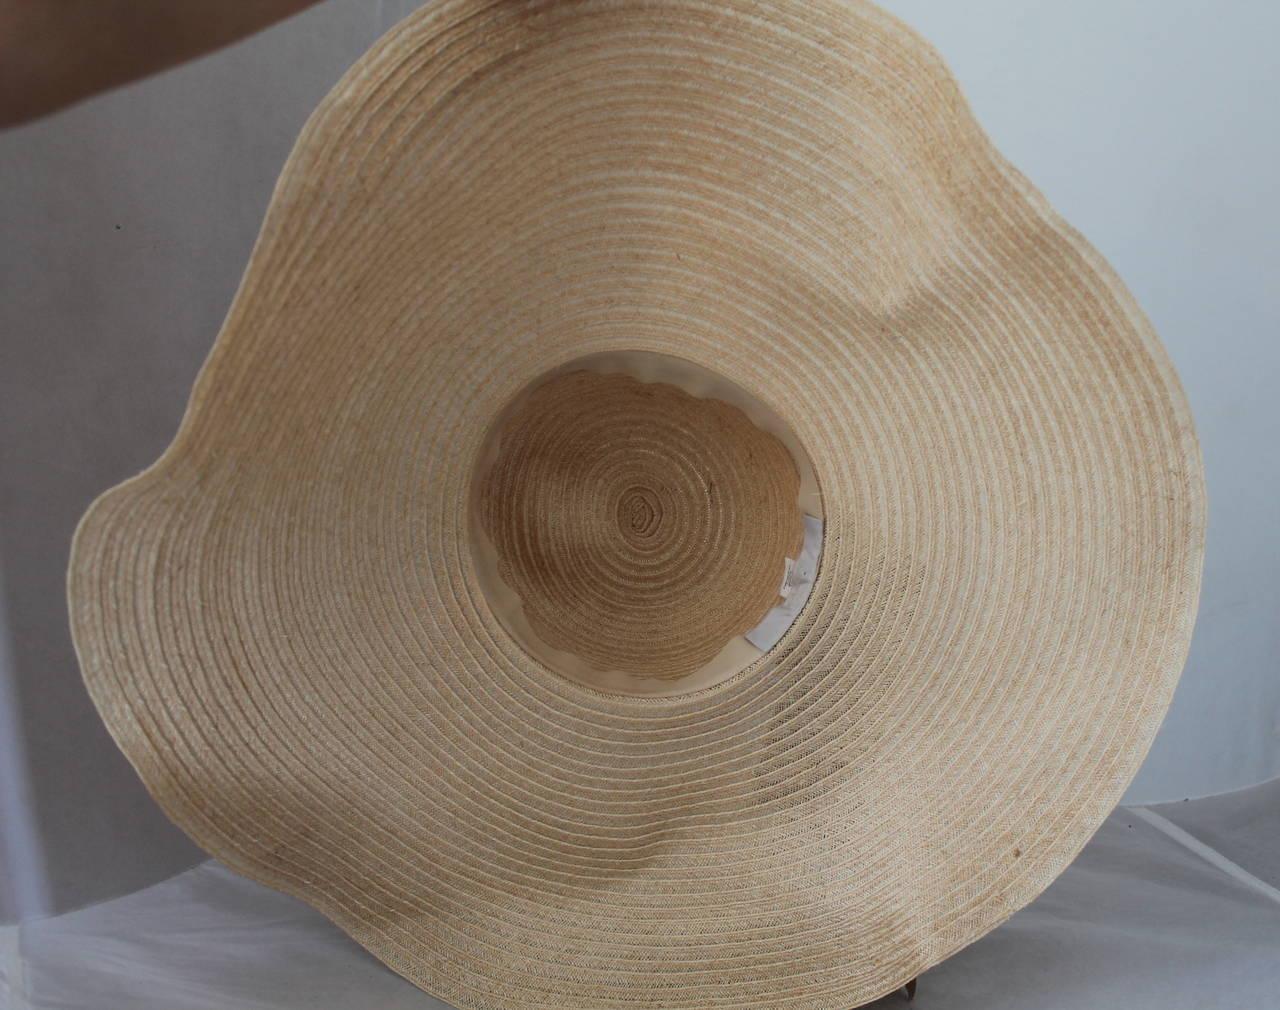 Lanvin creme light straw large brim hat w/ taupe ribbon detail 4